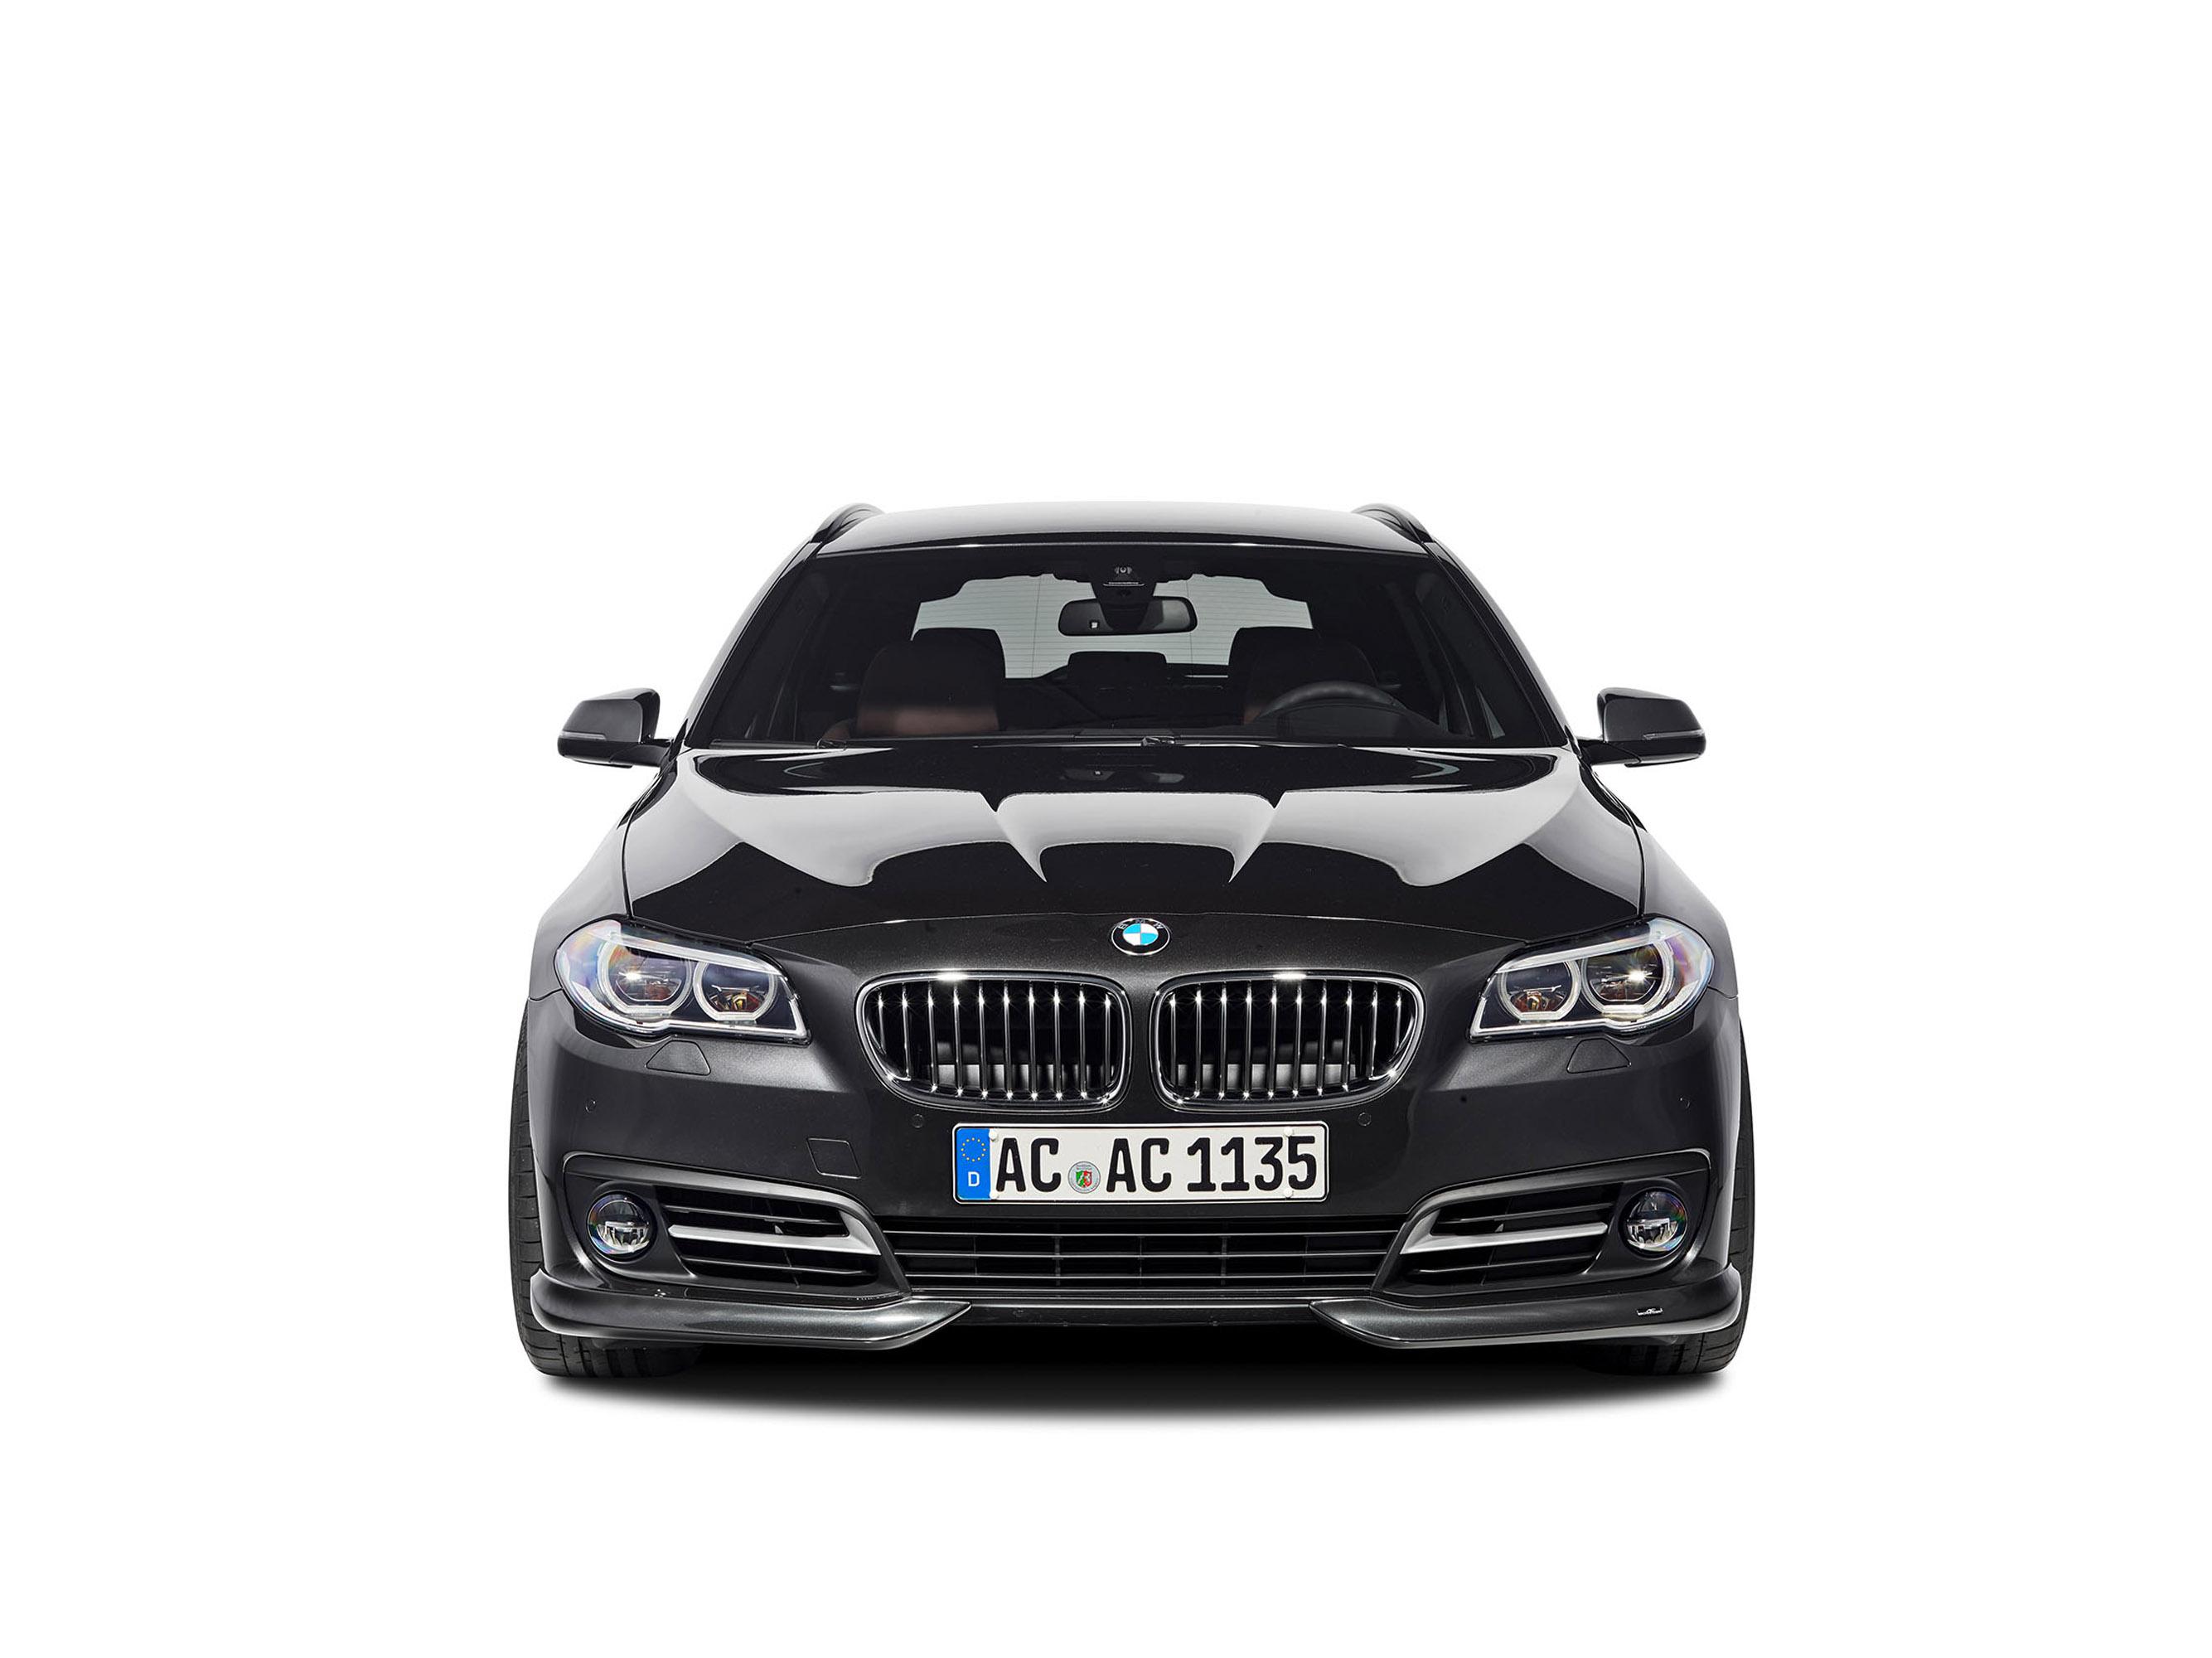 АС Шнитцер BMW 5 серии туринг ЛКИ Эссене дебютирует на мотор-шоу  - фотография №1